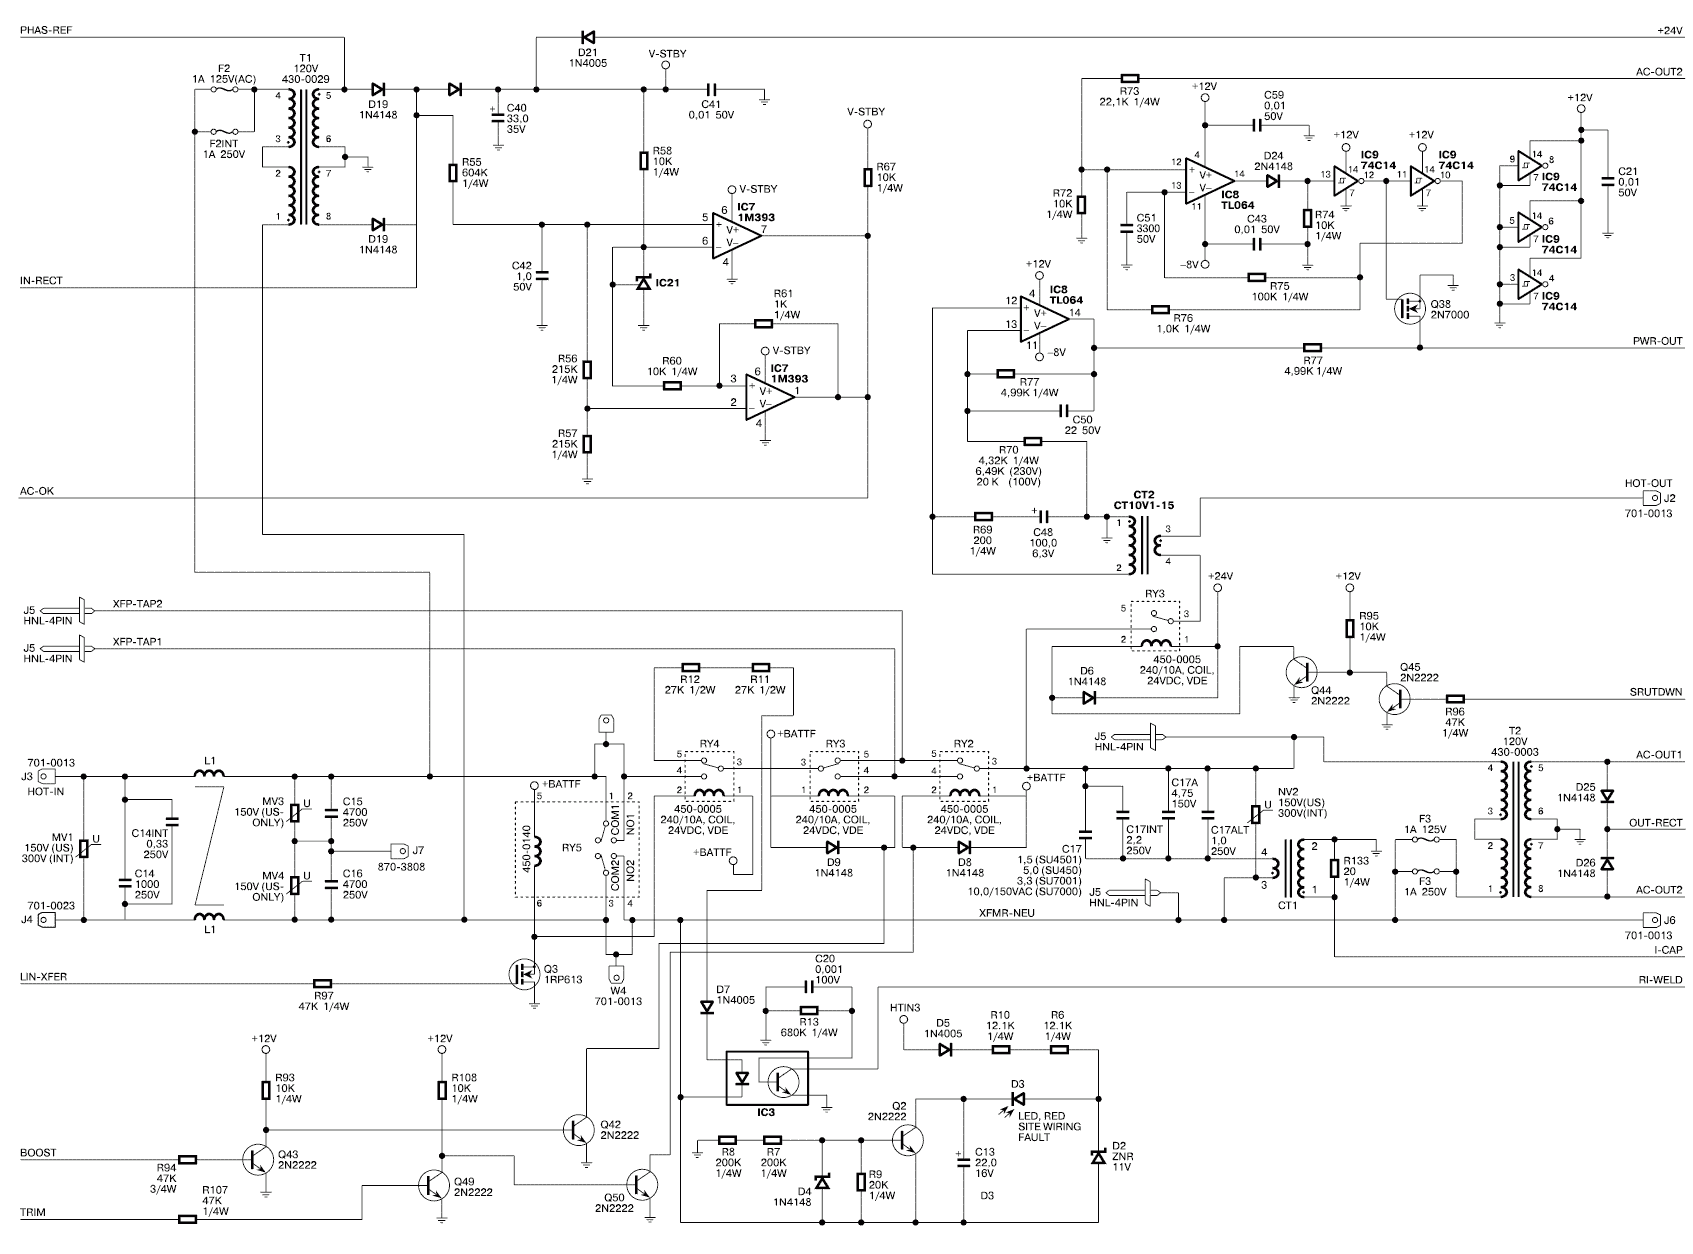 Принципиальная электрическая схема источника бесперебойного питания APC Back-UPS 250i / 400i / 600i.